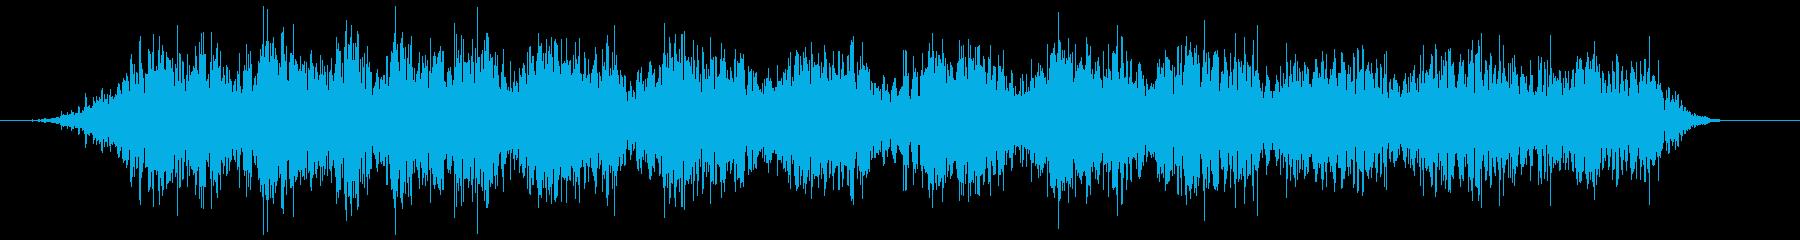 電気ポット 駆動音のみ(ブォォォン)の再生済みの波形